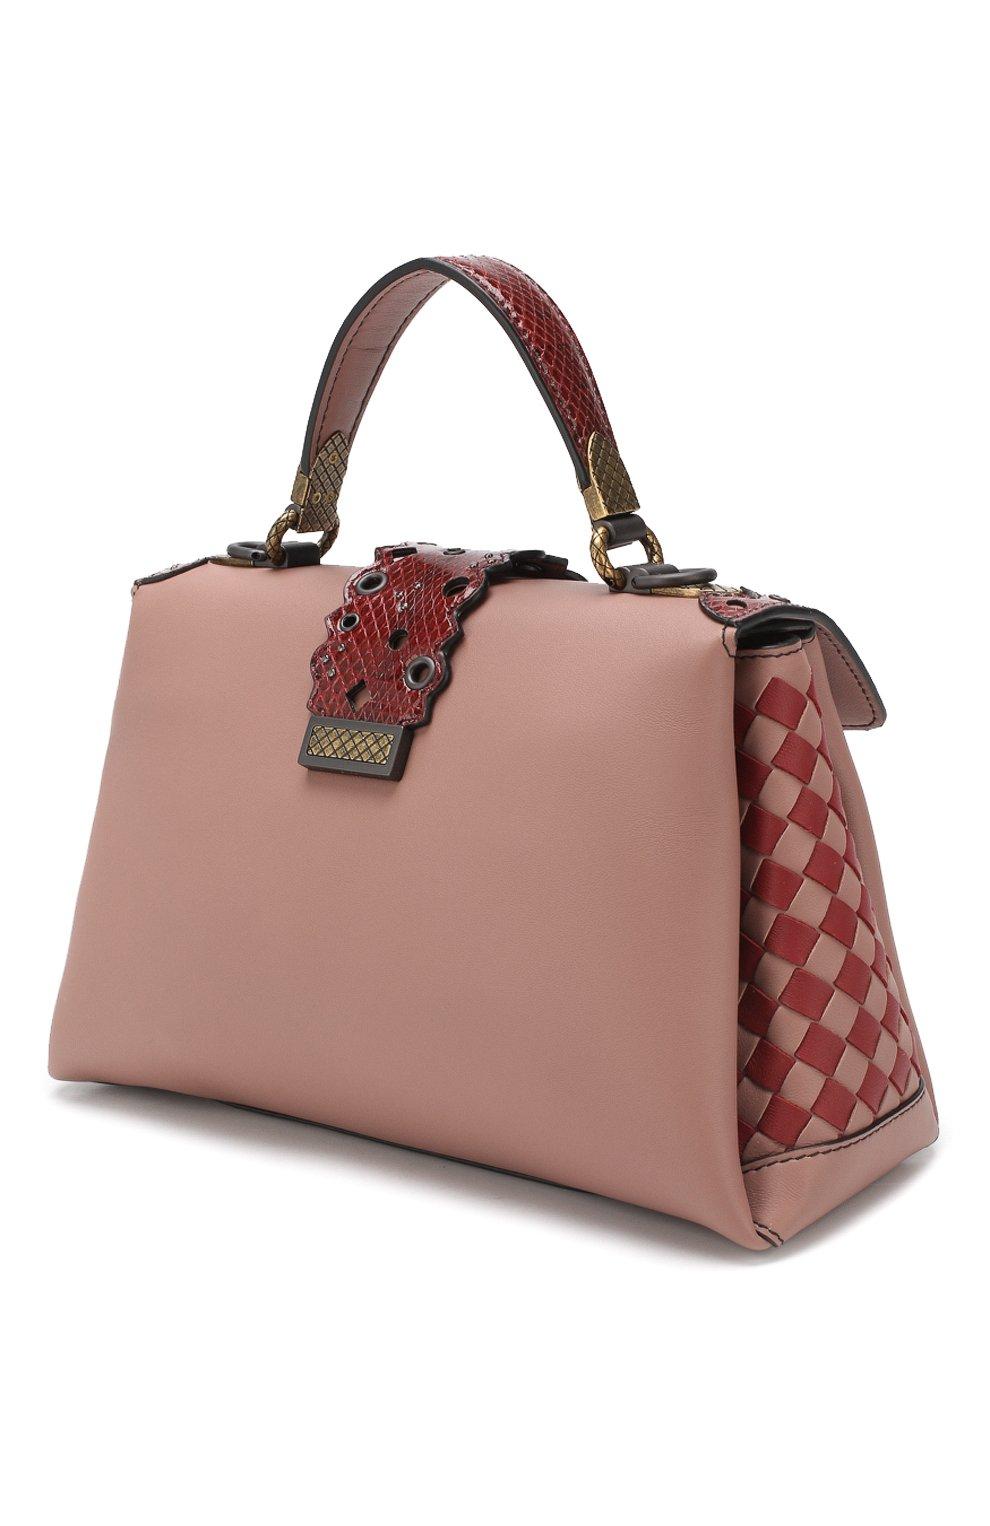 Сумки Bottega Veneta по цене от 29 650 руб. купить в интернет-магазине ЦУМ 989678bed34